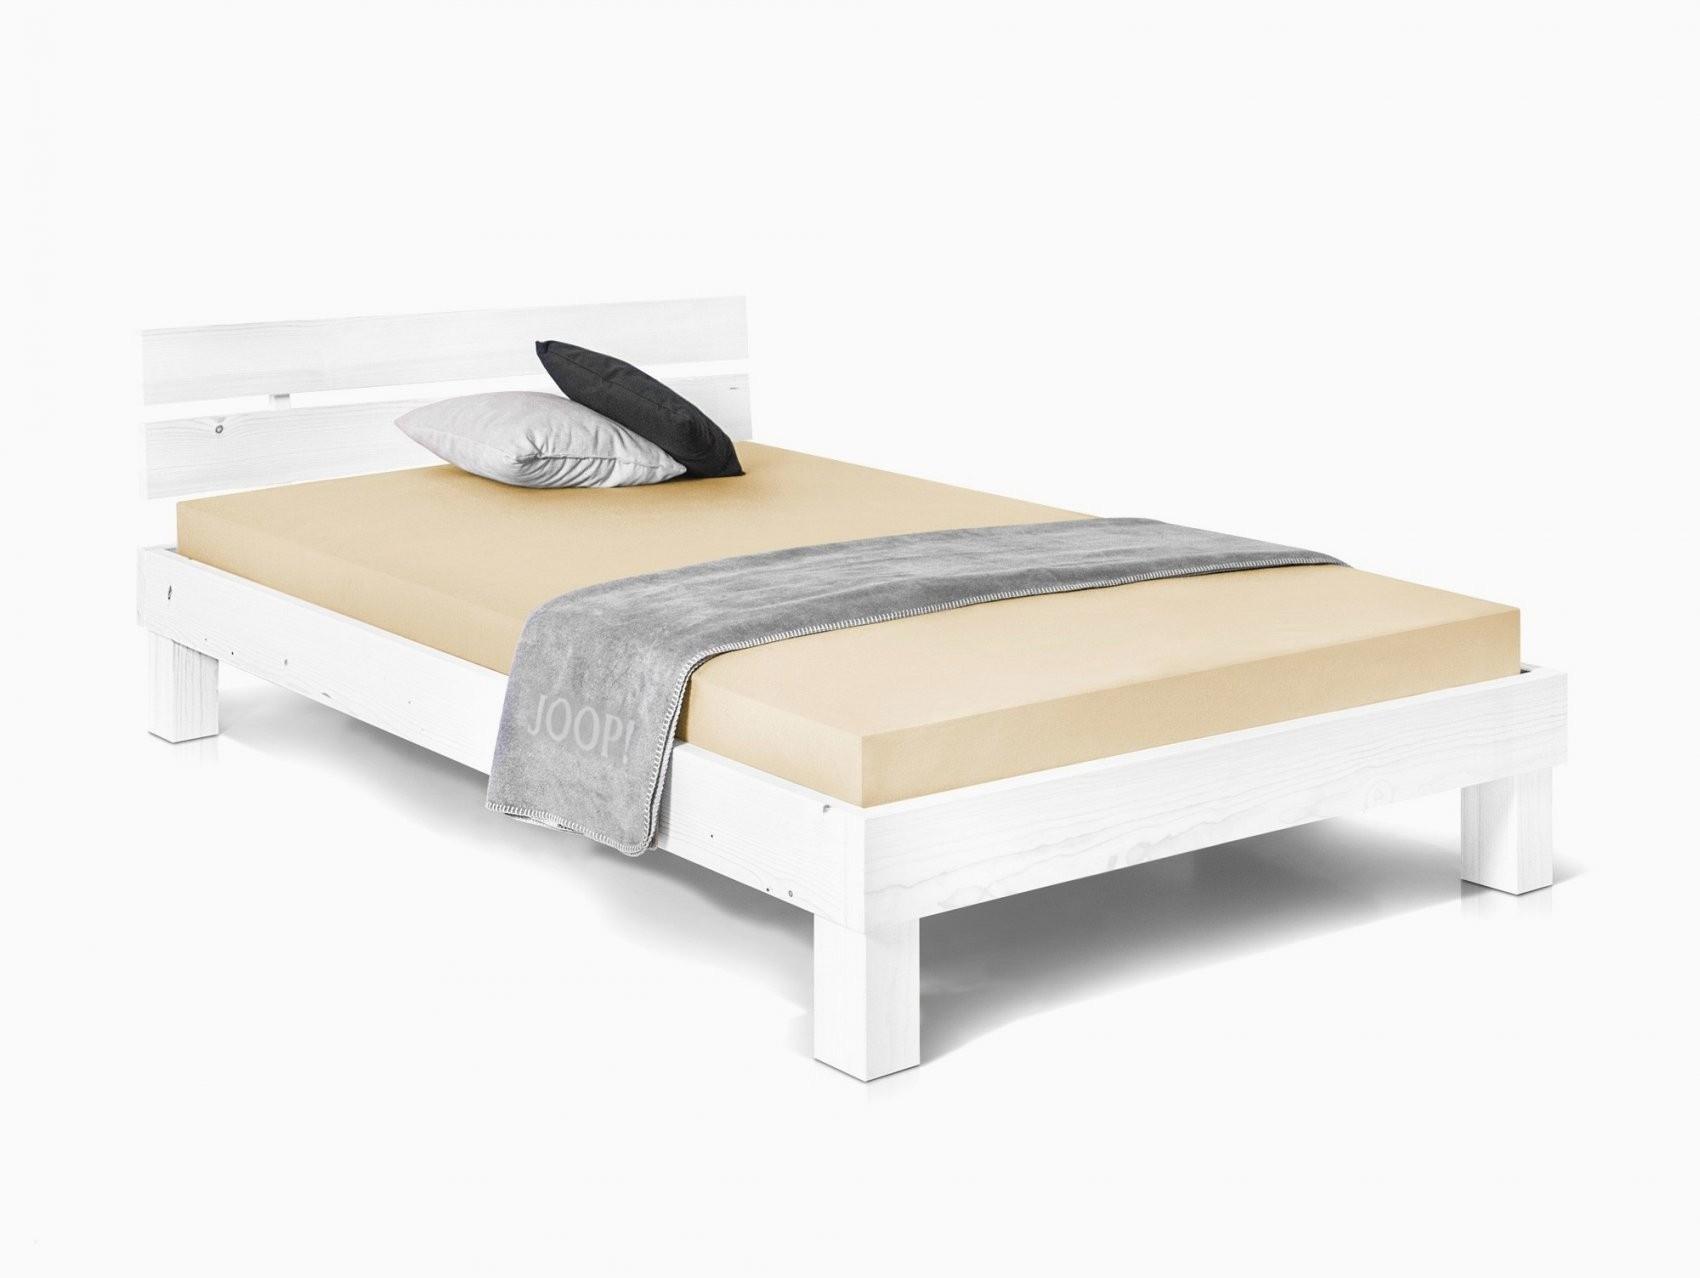 Ikea Bed 140X200 Detail 20 Luxus Bett 140X200 Mit Matratze Und von Bett 140X200 Mit Matratze Und Lattenrost Ikea Bild